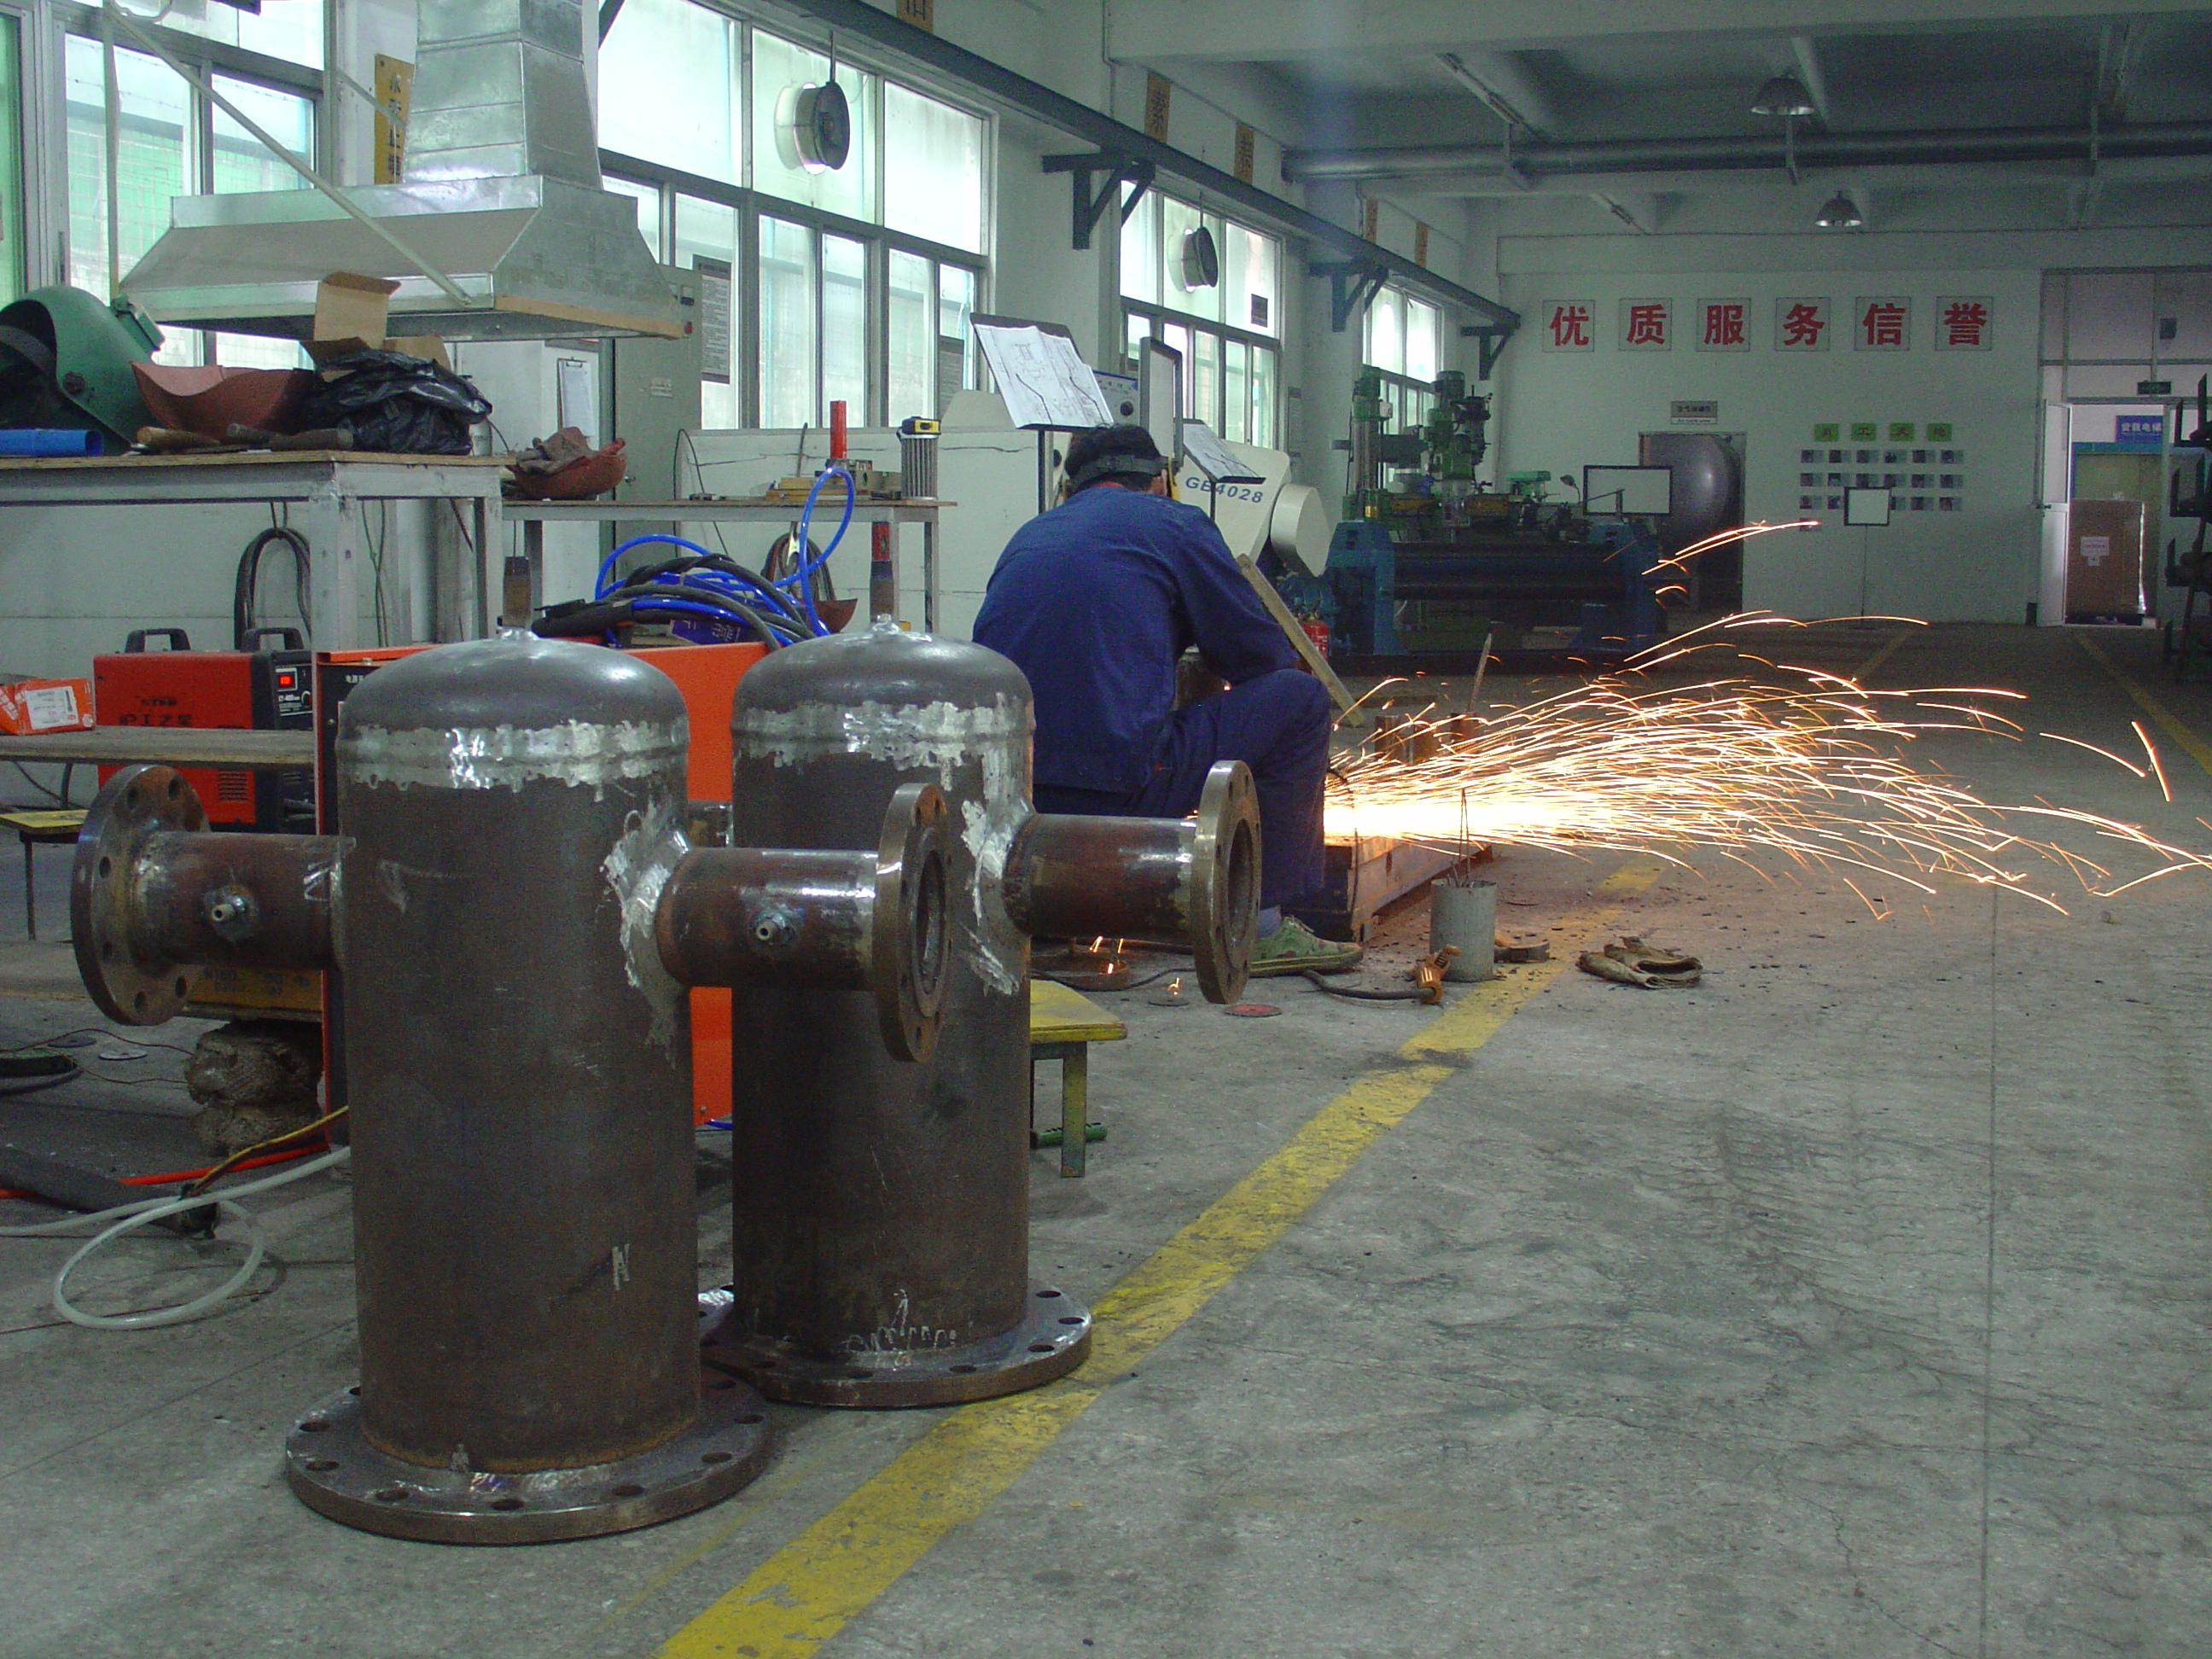 工厂的焊接加工区